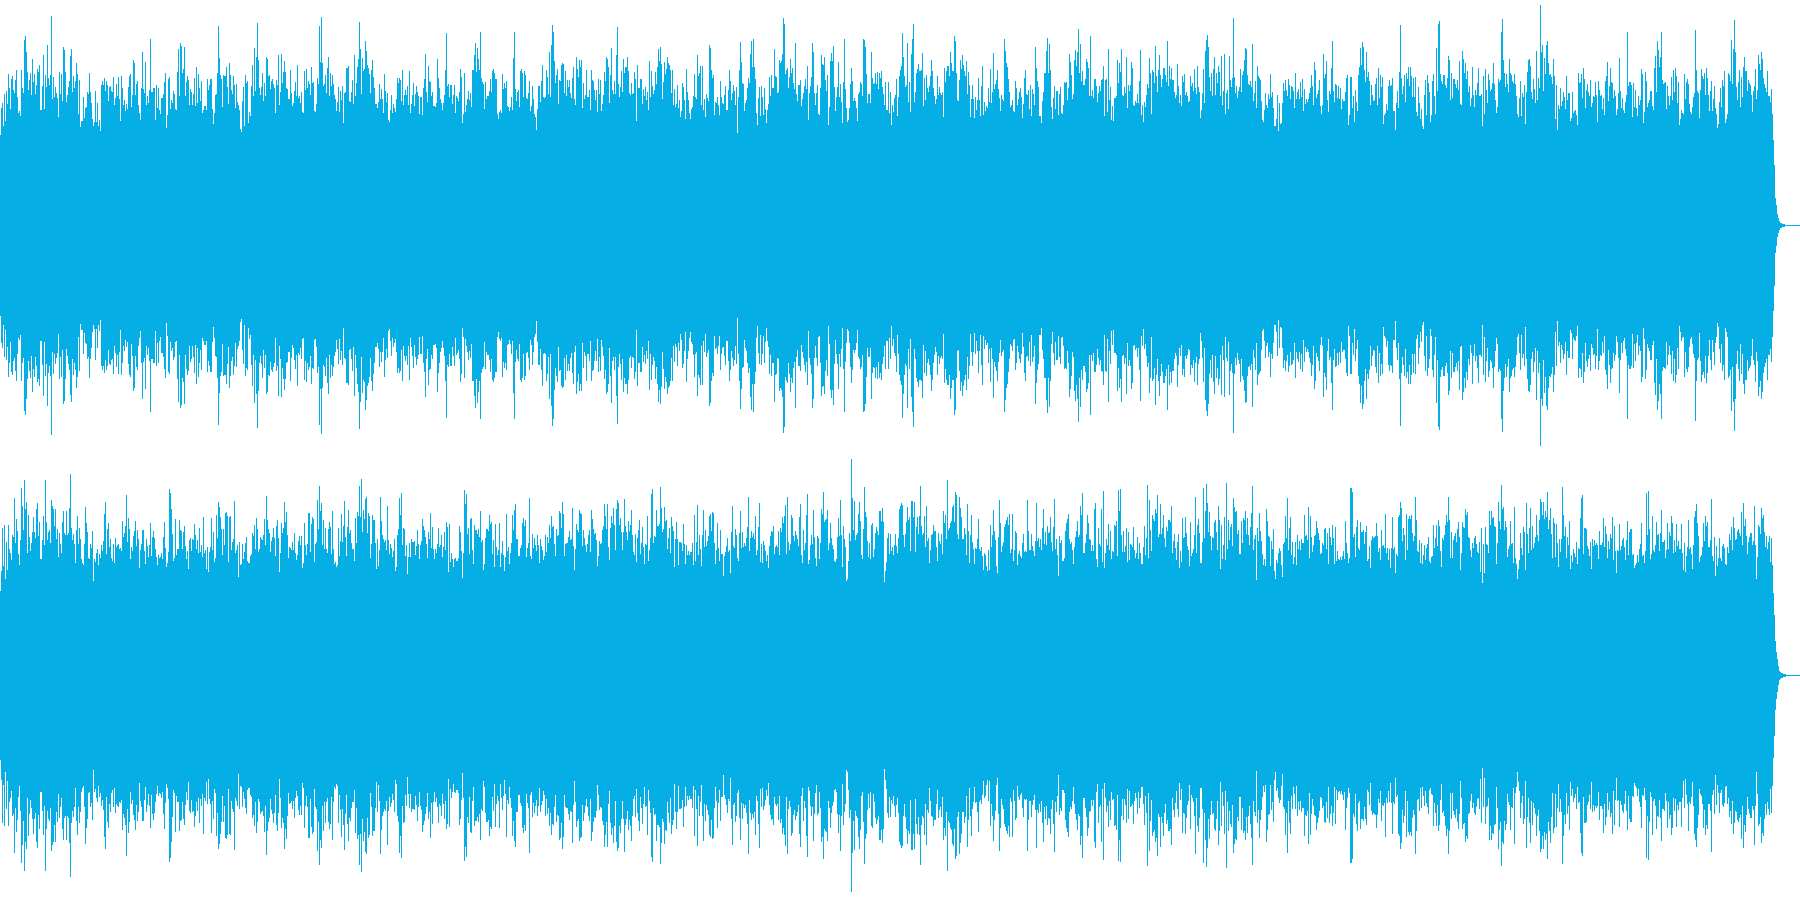 夜の闇をイメージしたホラー系の曲の再生済みの波形